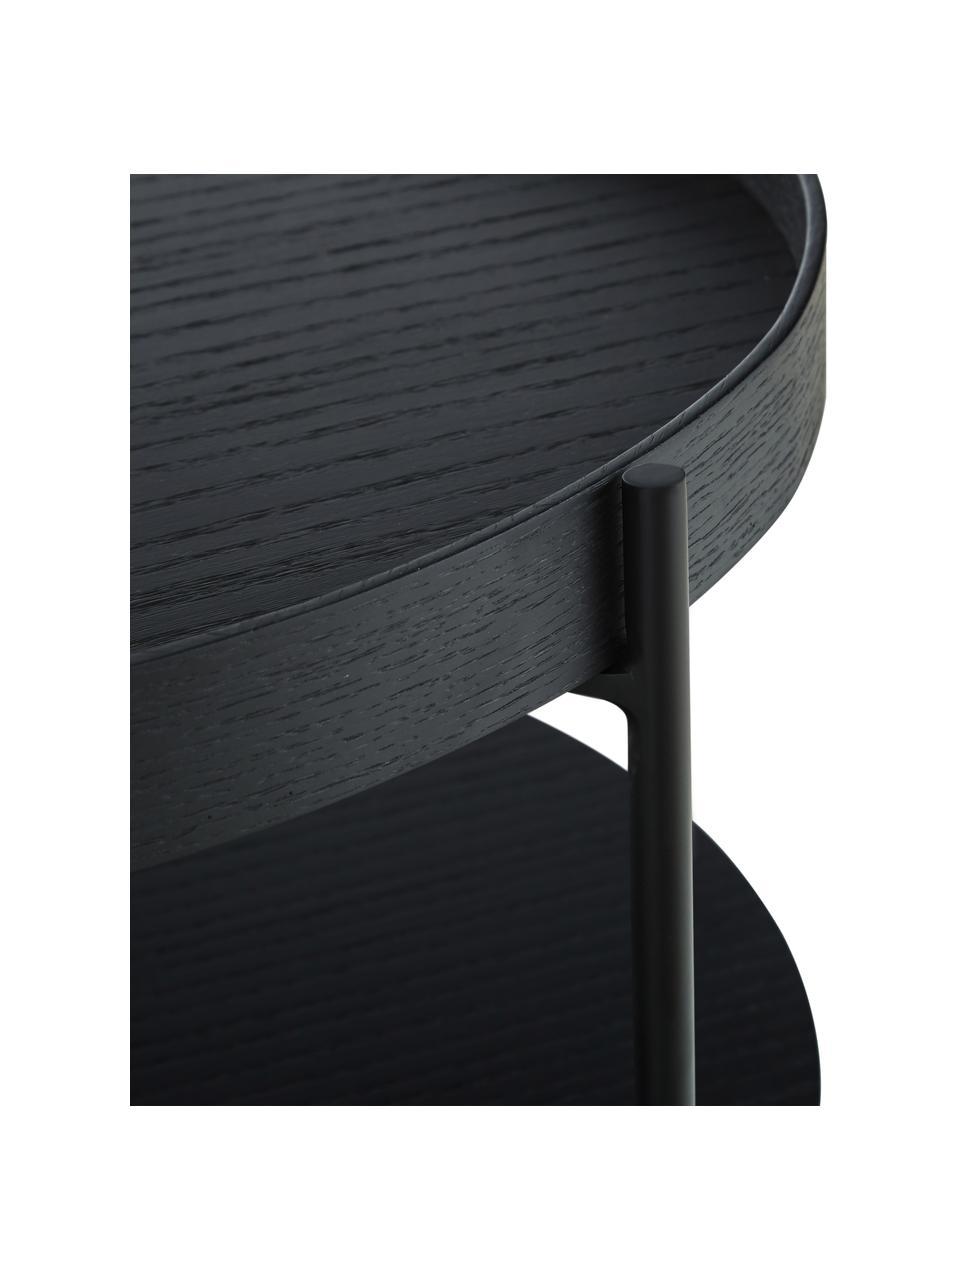 Holz-Couchtisch Renee in Schwarz, Gestell: Metall, pulverbeschichtet, Schwarz, Ø 69 x H 39 cm